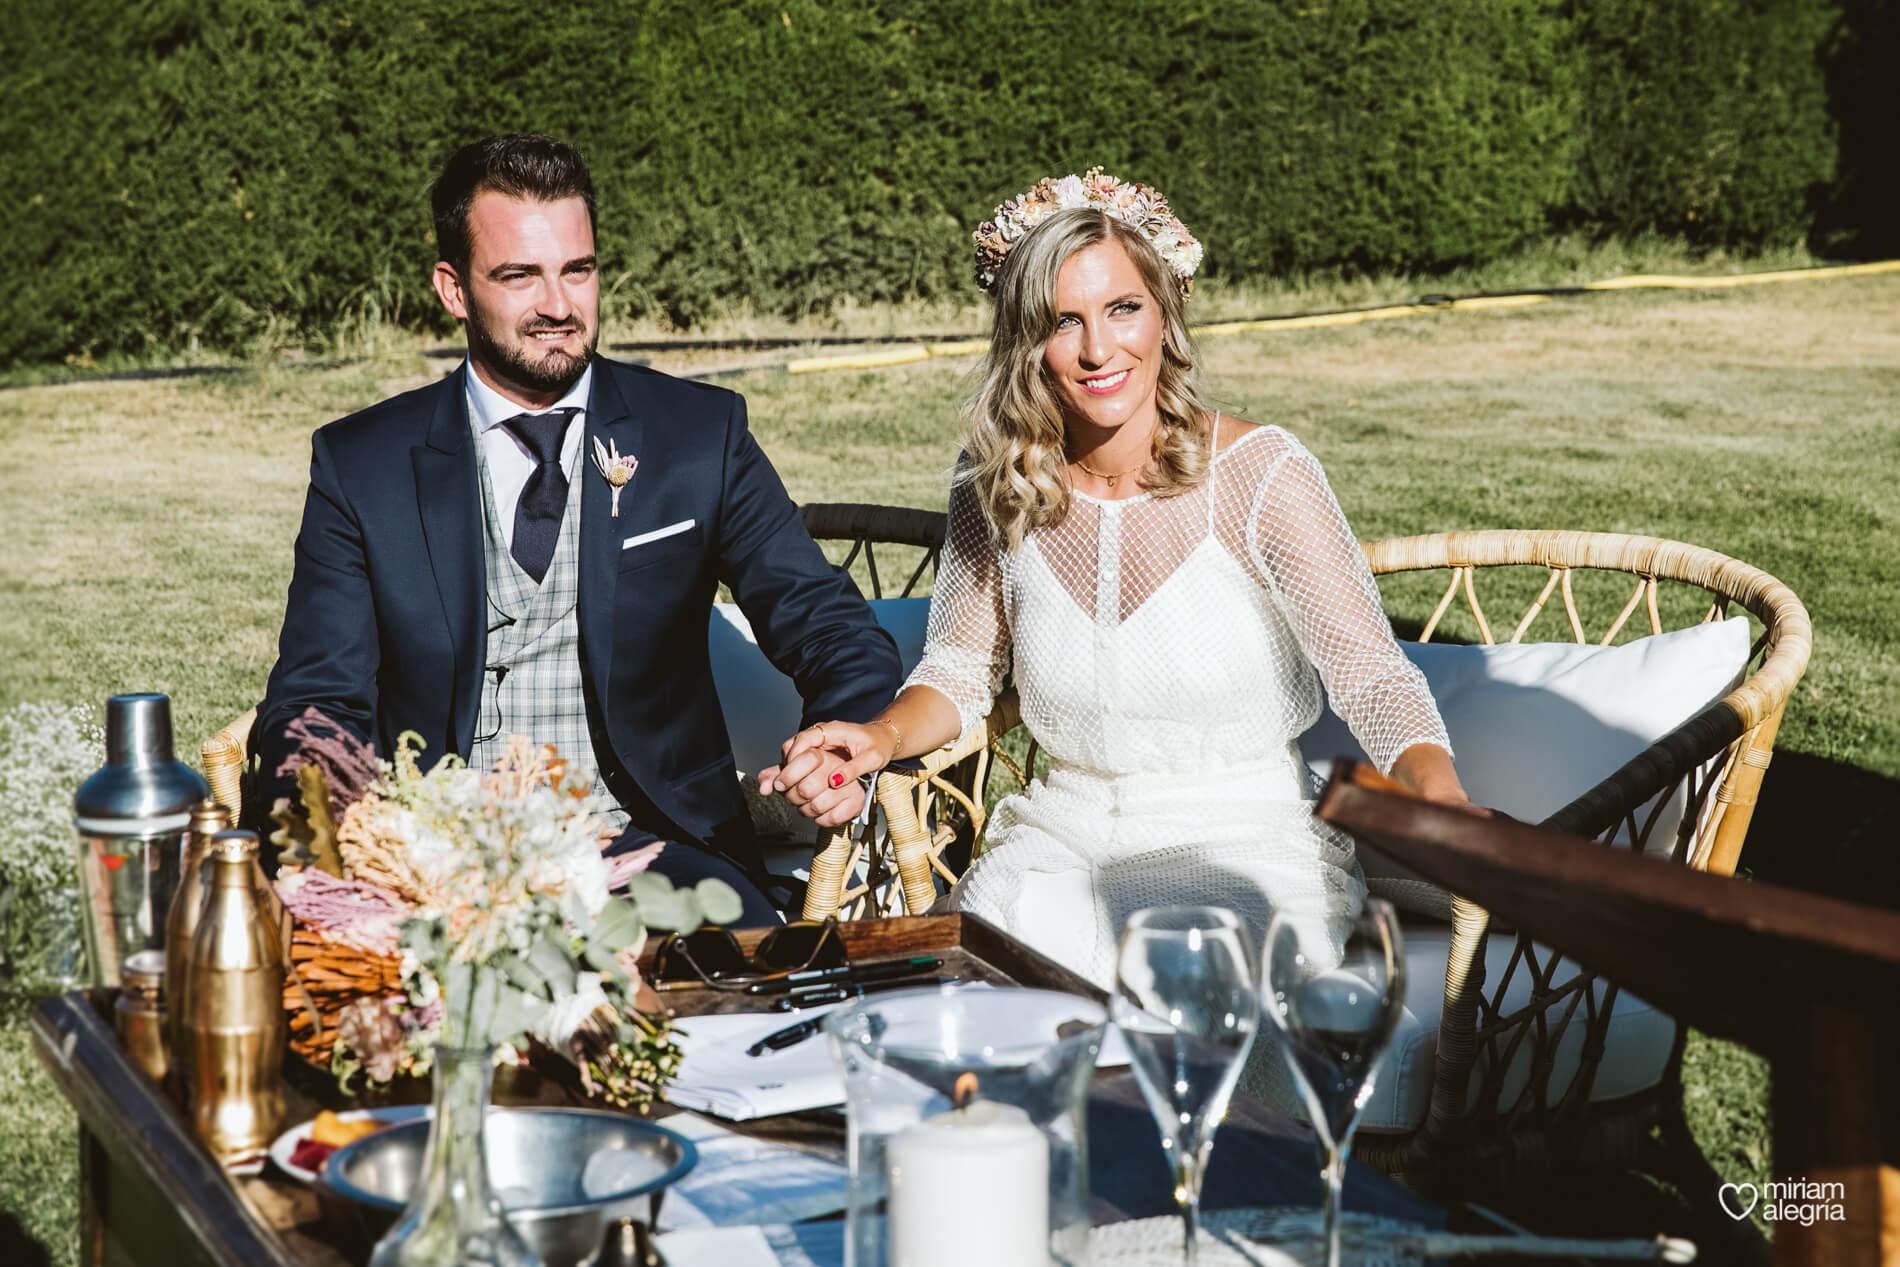 boda-en-collados-miriam-alegria-cayetana-ferrer-45